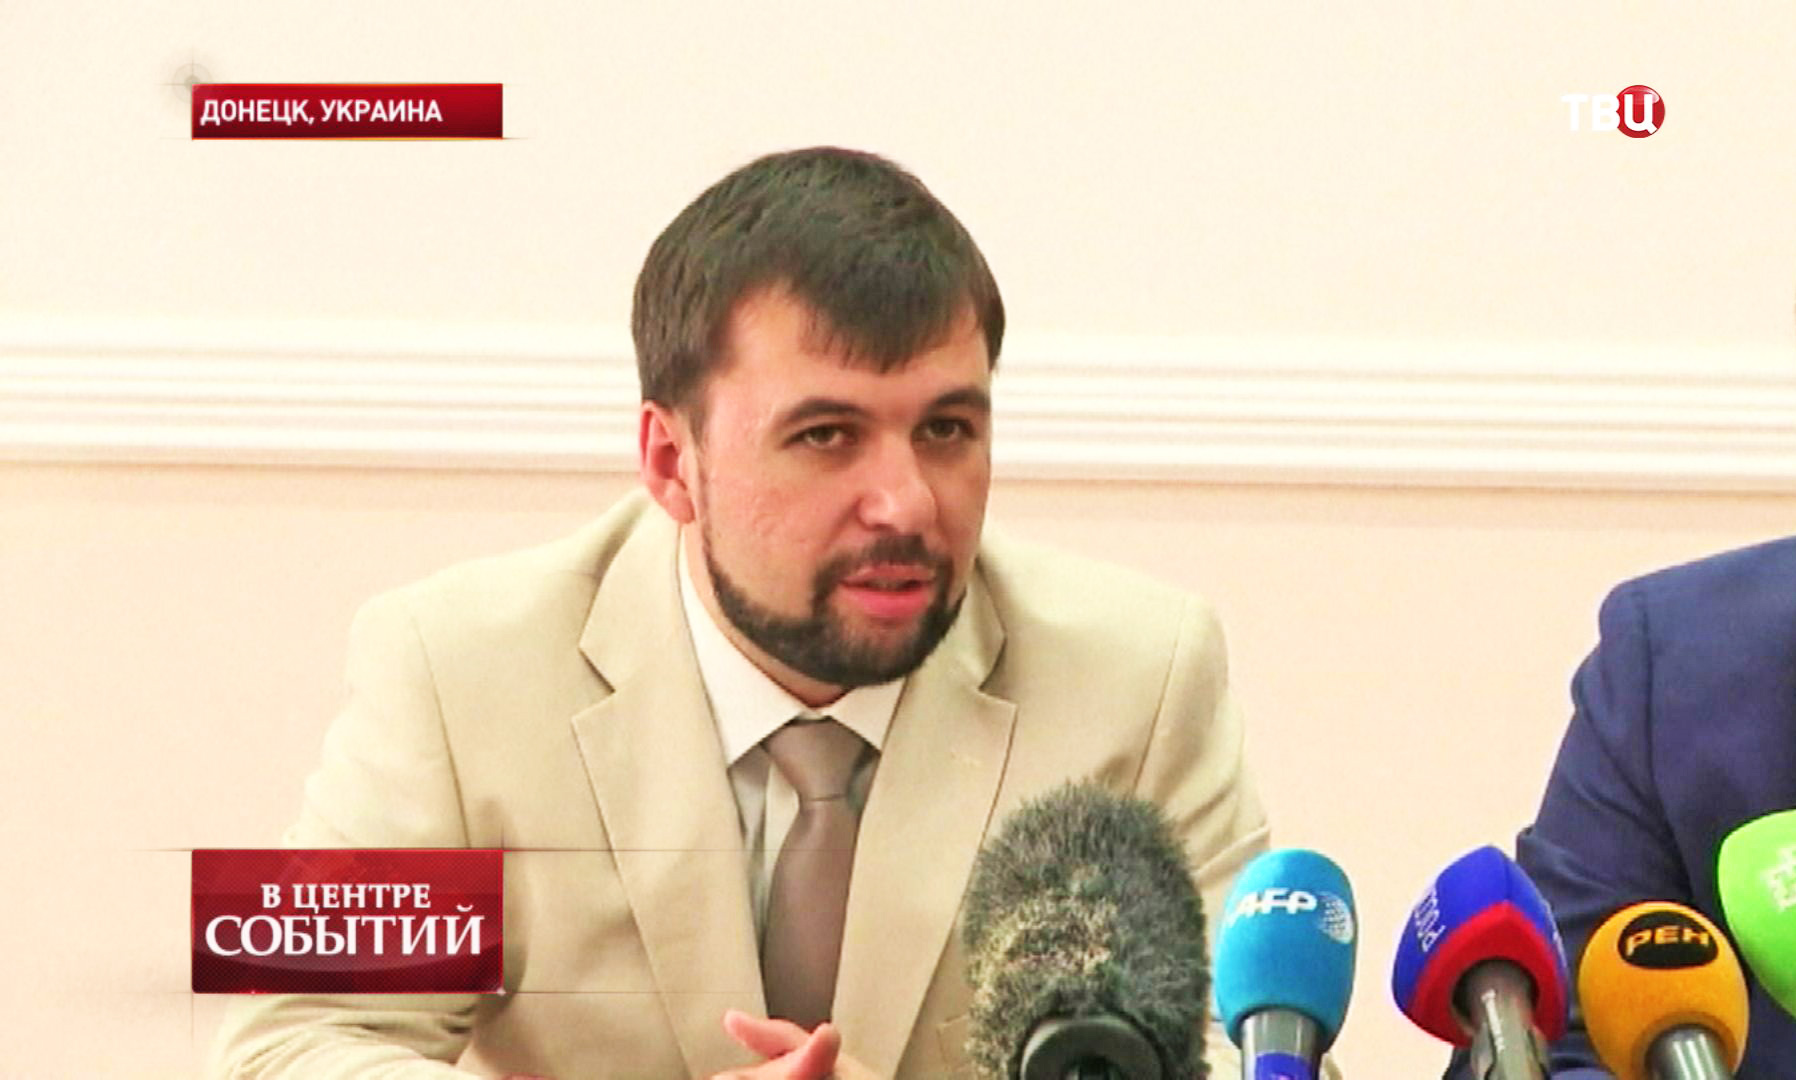 Председатель президиума Верховного совета Донецкой республики Денис Пушилин